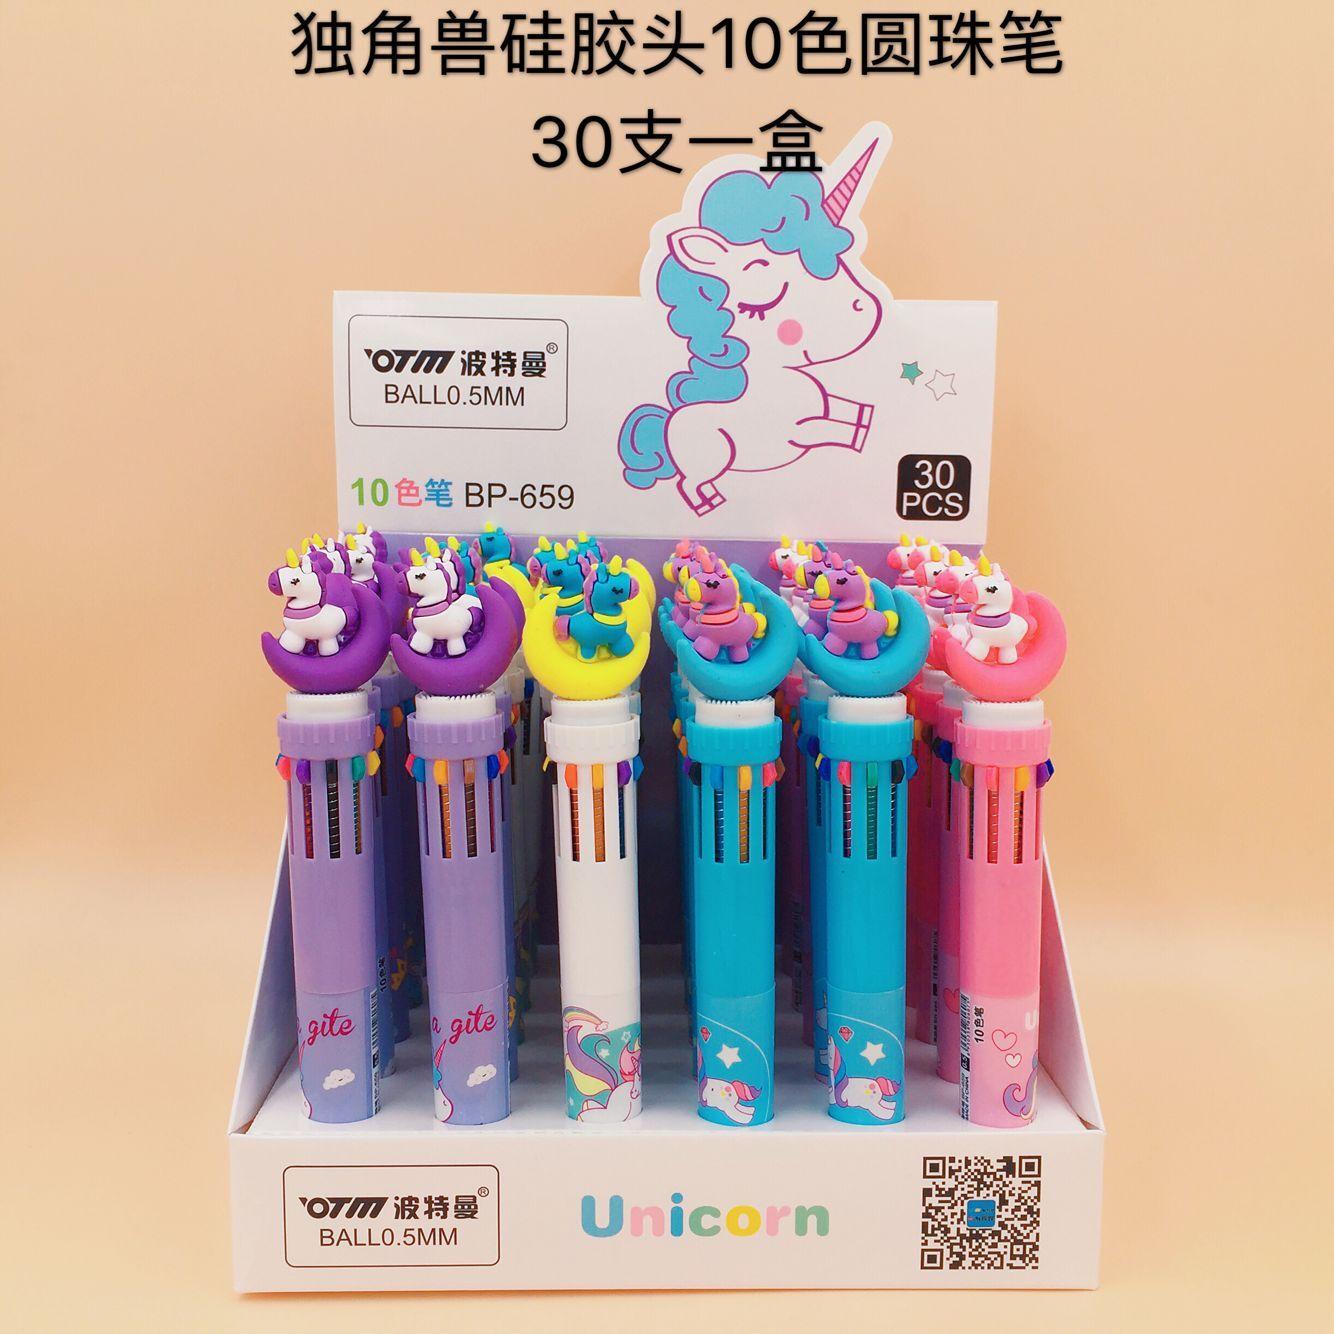 30pcs 1lot Kawaii Ballpen 6color Cartoon Unicorn Animals Ballpoint Pens School Stationery Writing Supplies Office Supplies